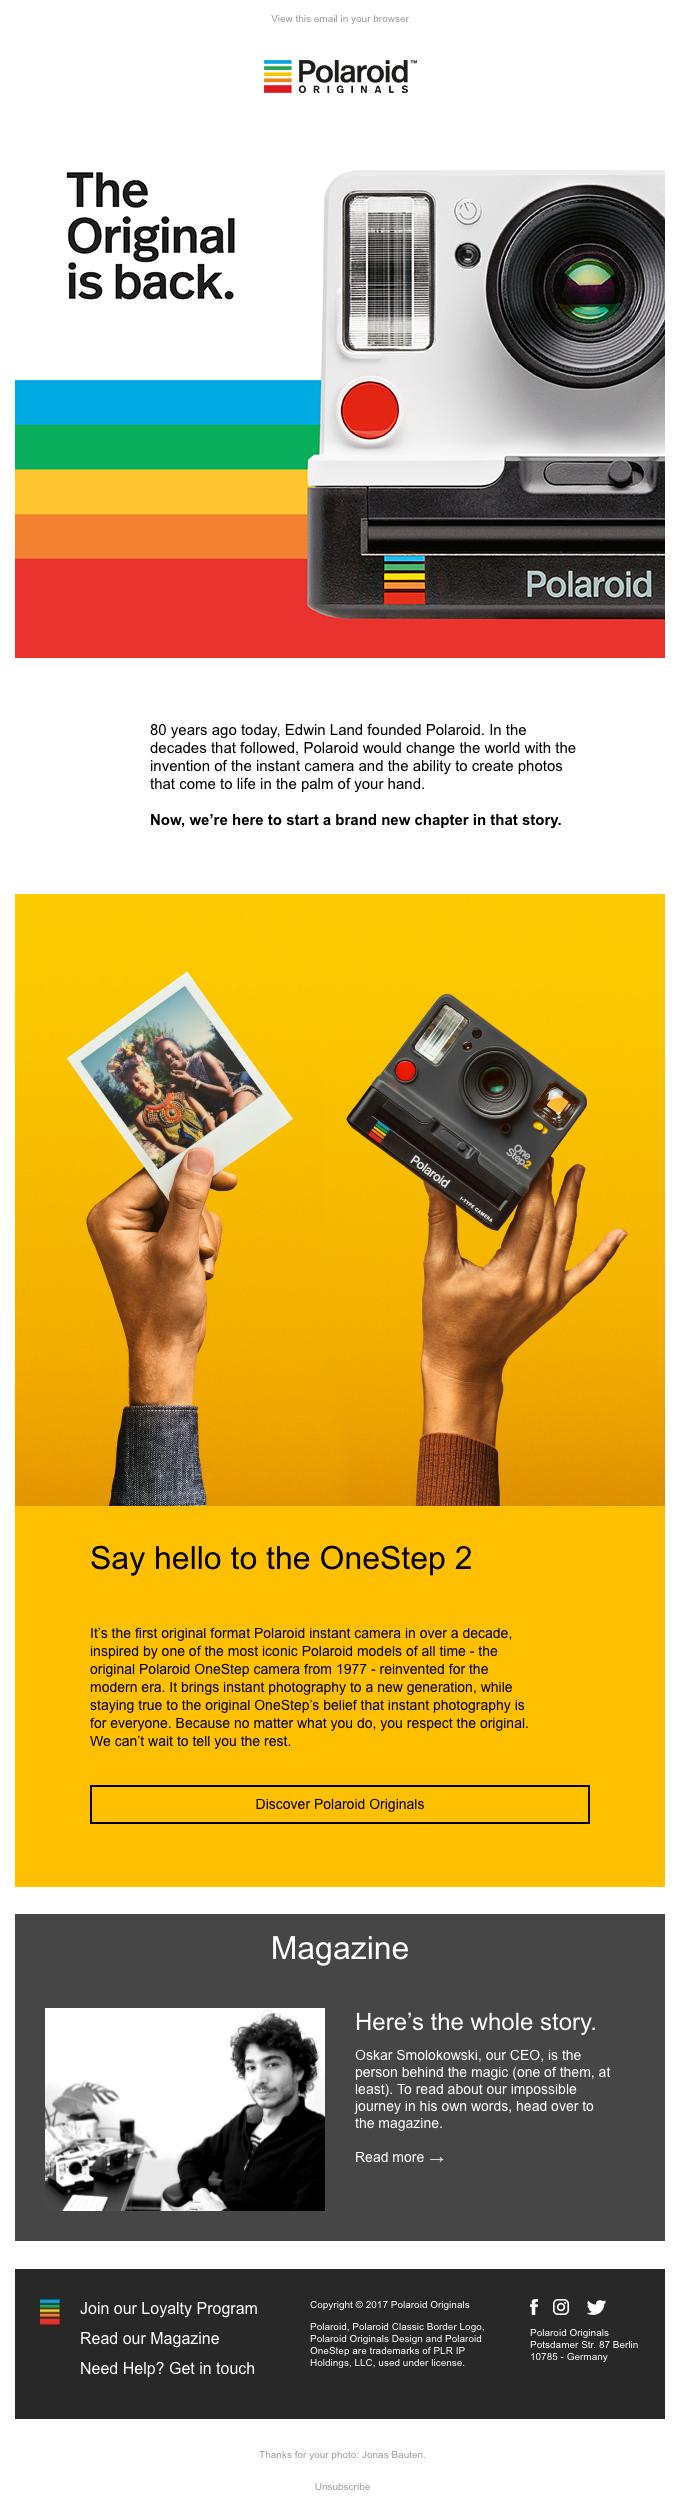 We are Polaroid Originals.